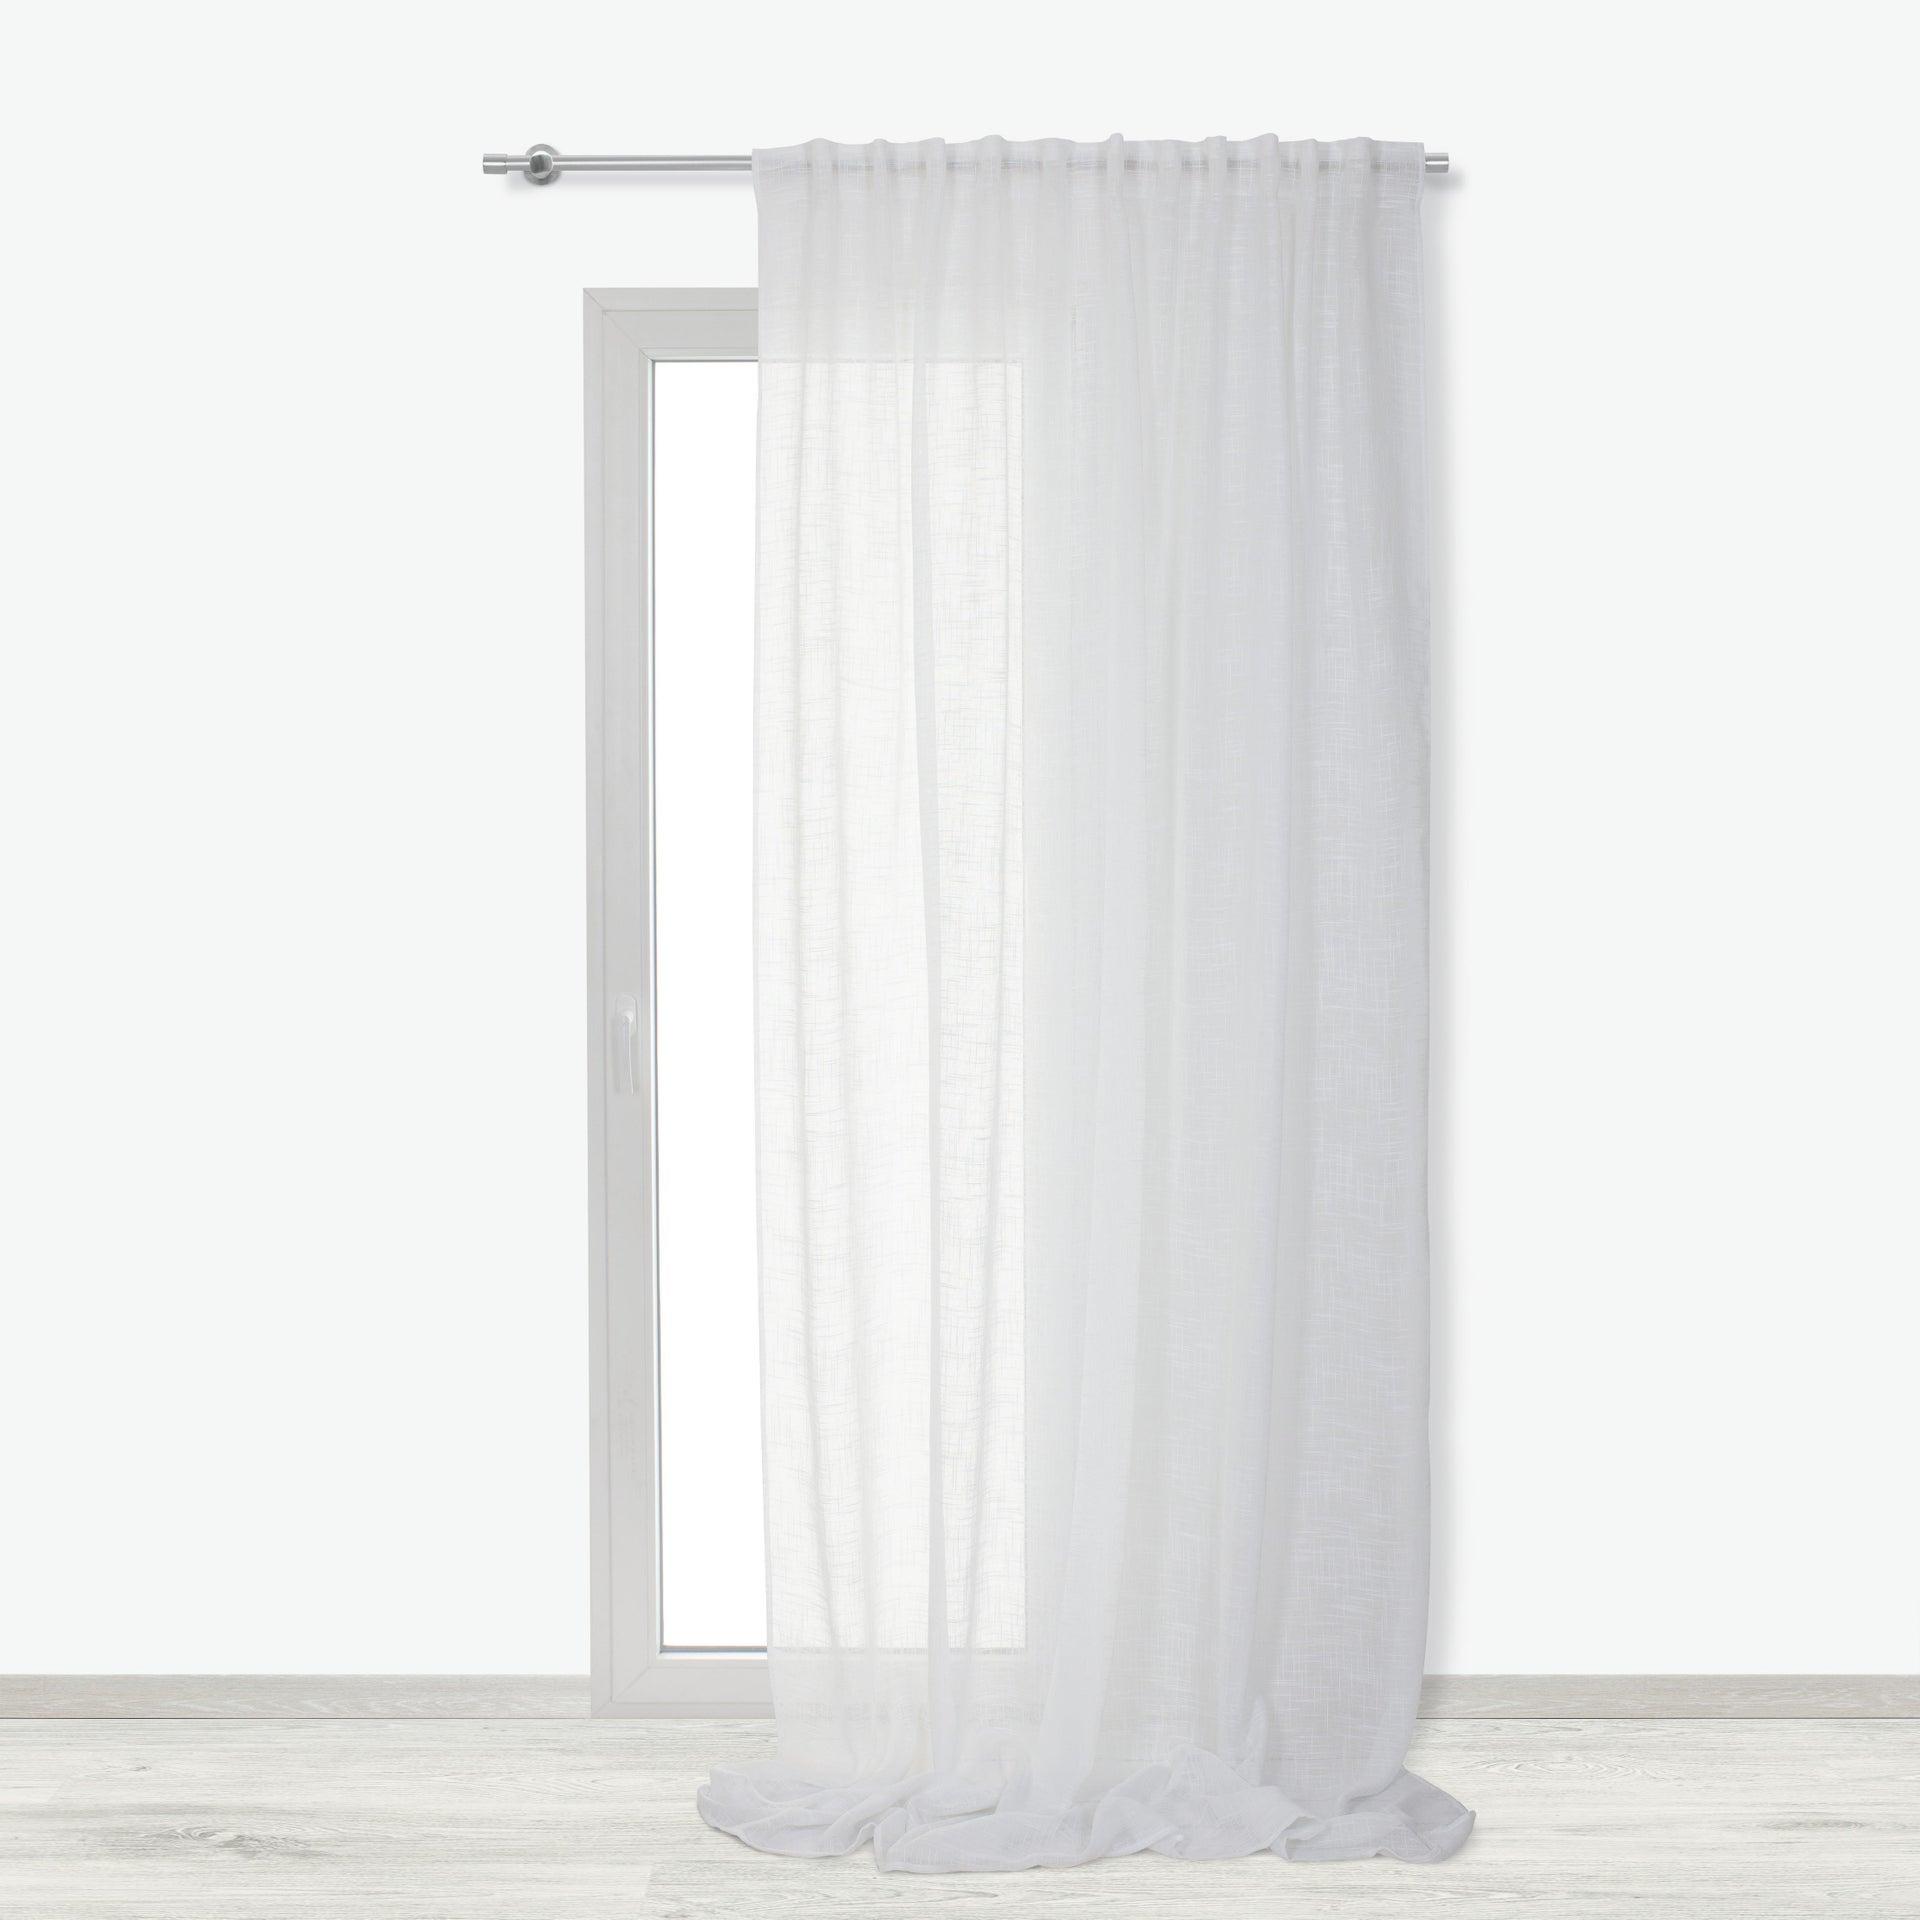 Tenda INSPIRE Amina bianco fettuccia con passanti nascosti 200 x 280 cm - 3